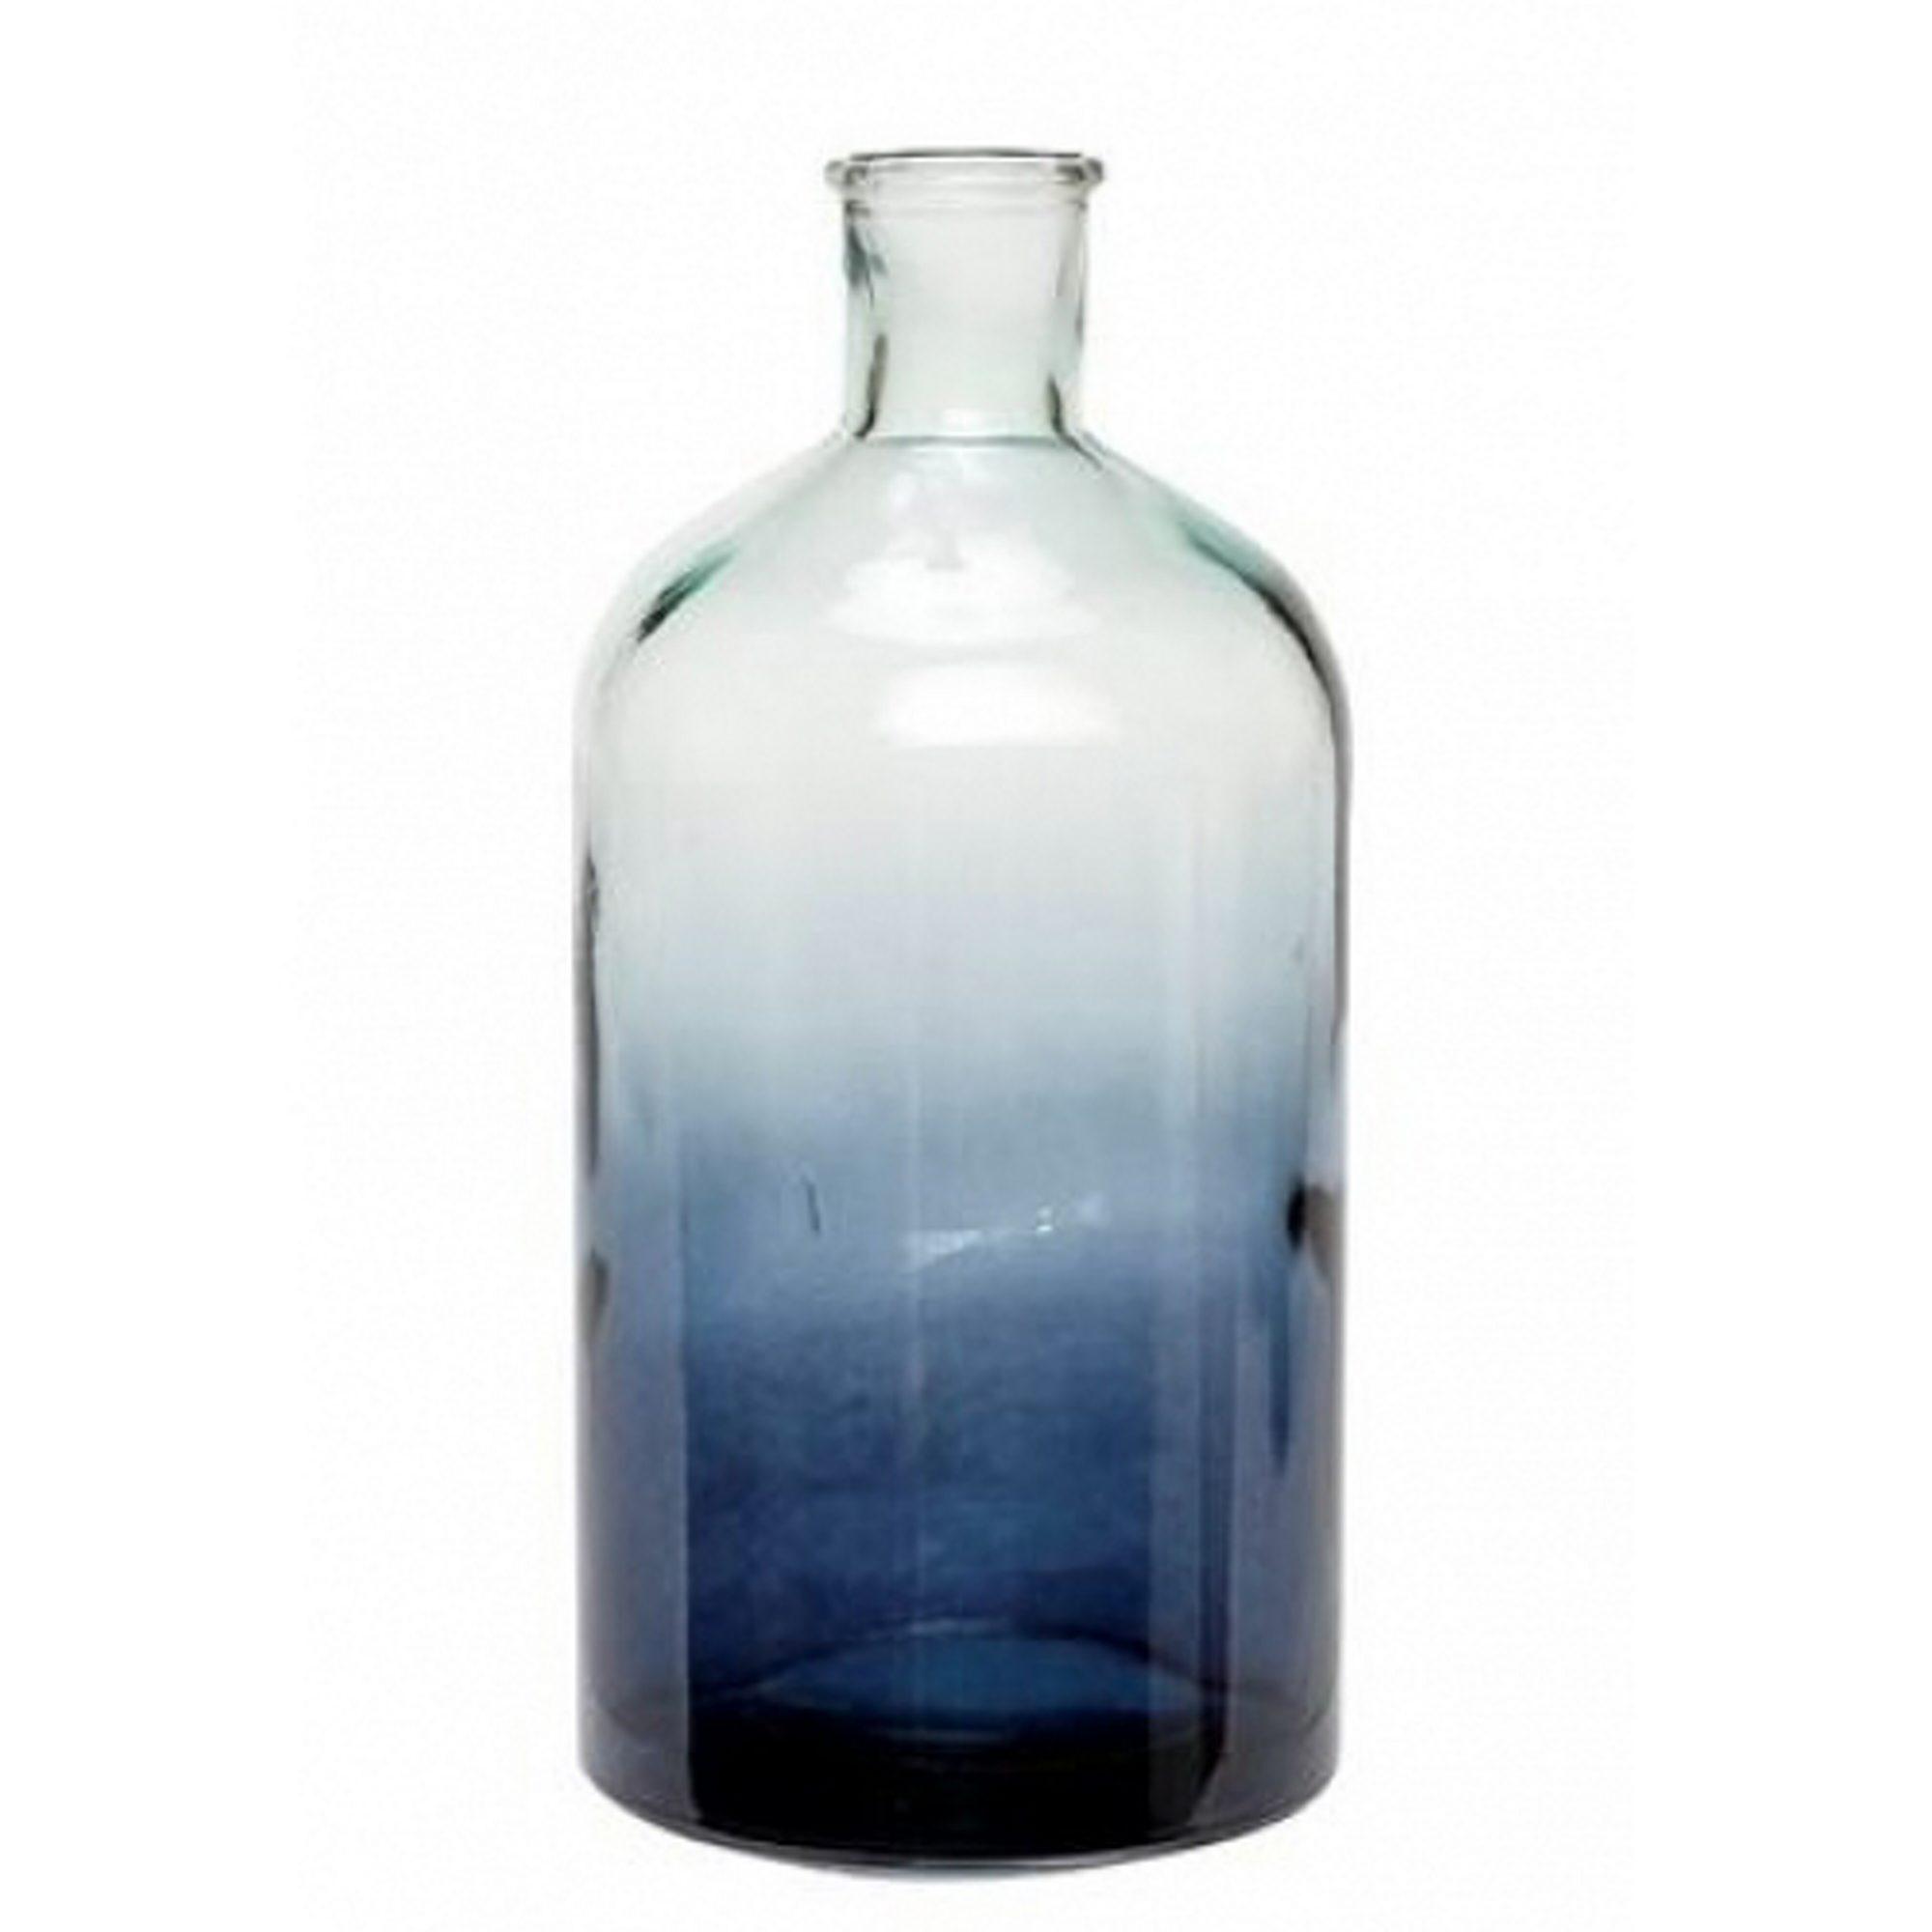 Glassvase i blå sjatteringer , Ø 12 x h 22cm, kr 249, Hubsch.